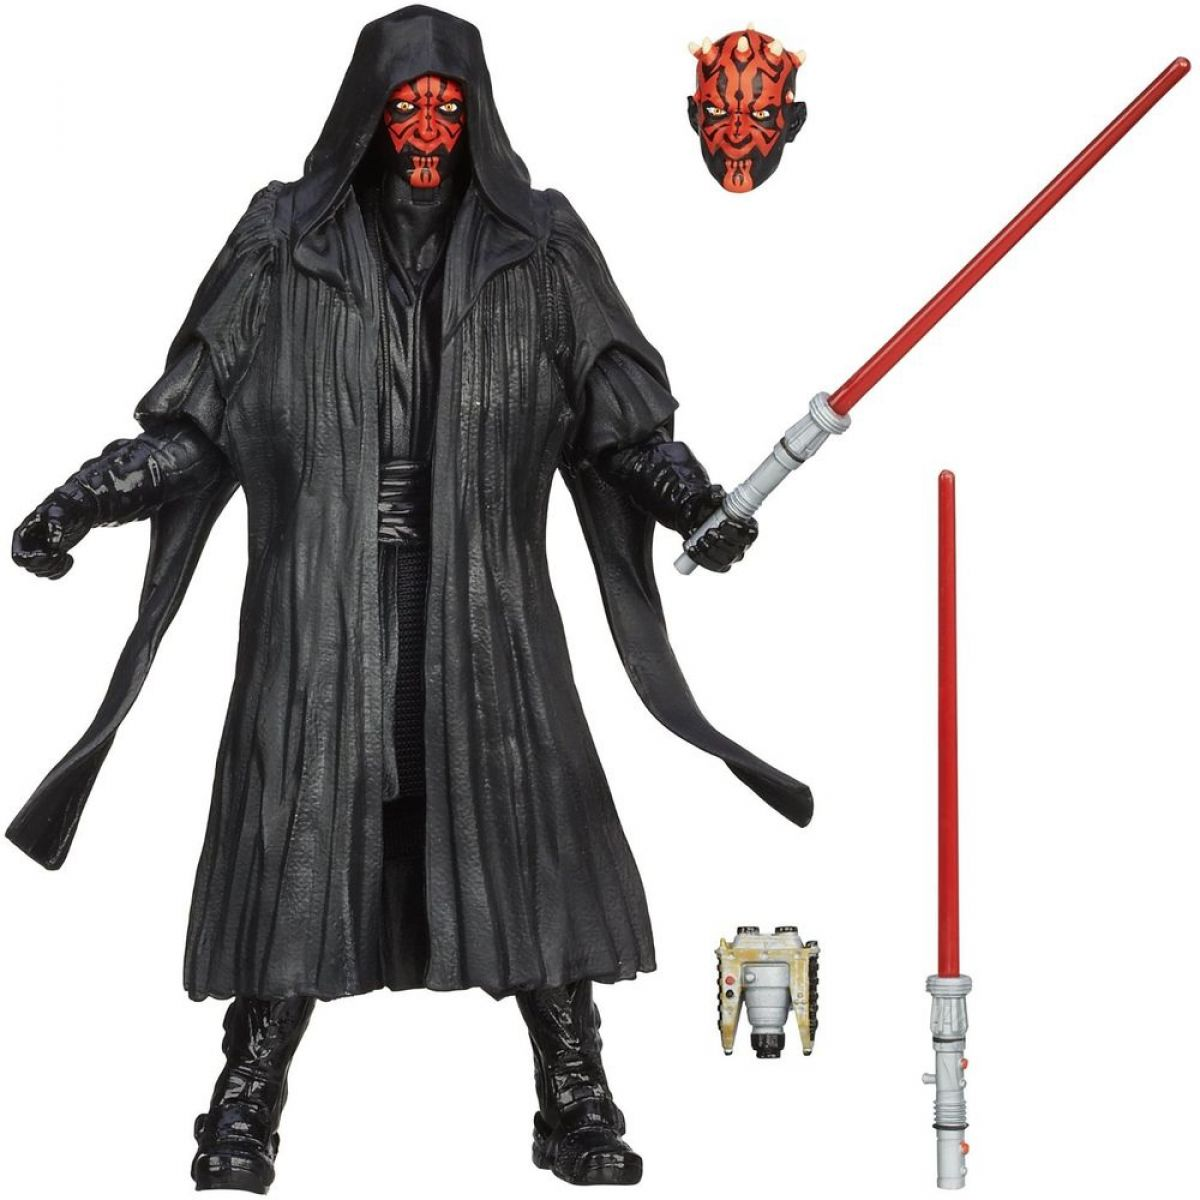 Hasbro Star Wars Pohyblivé prémiové figurky - Darth Maul